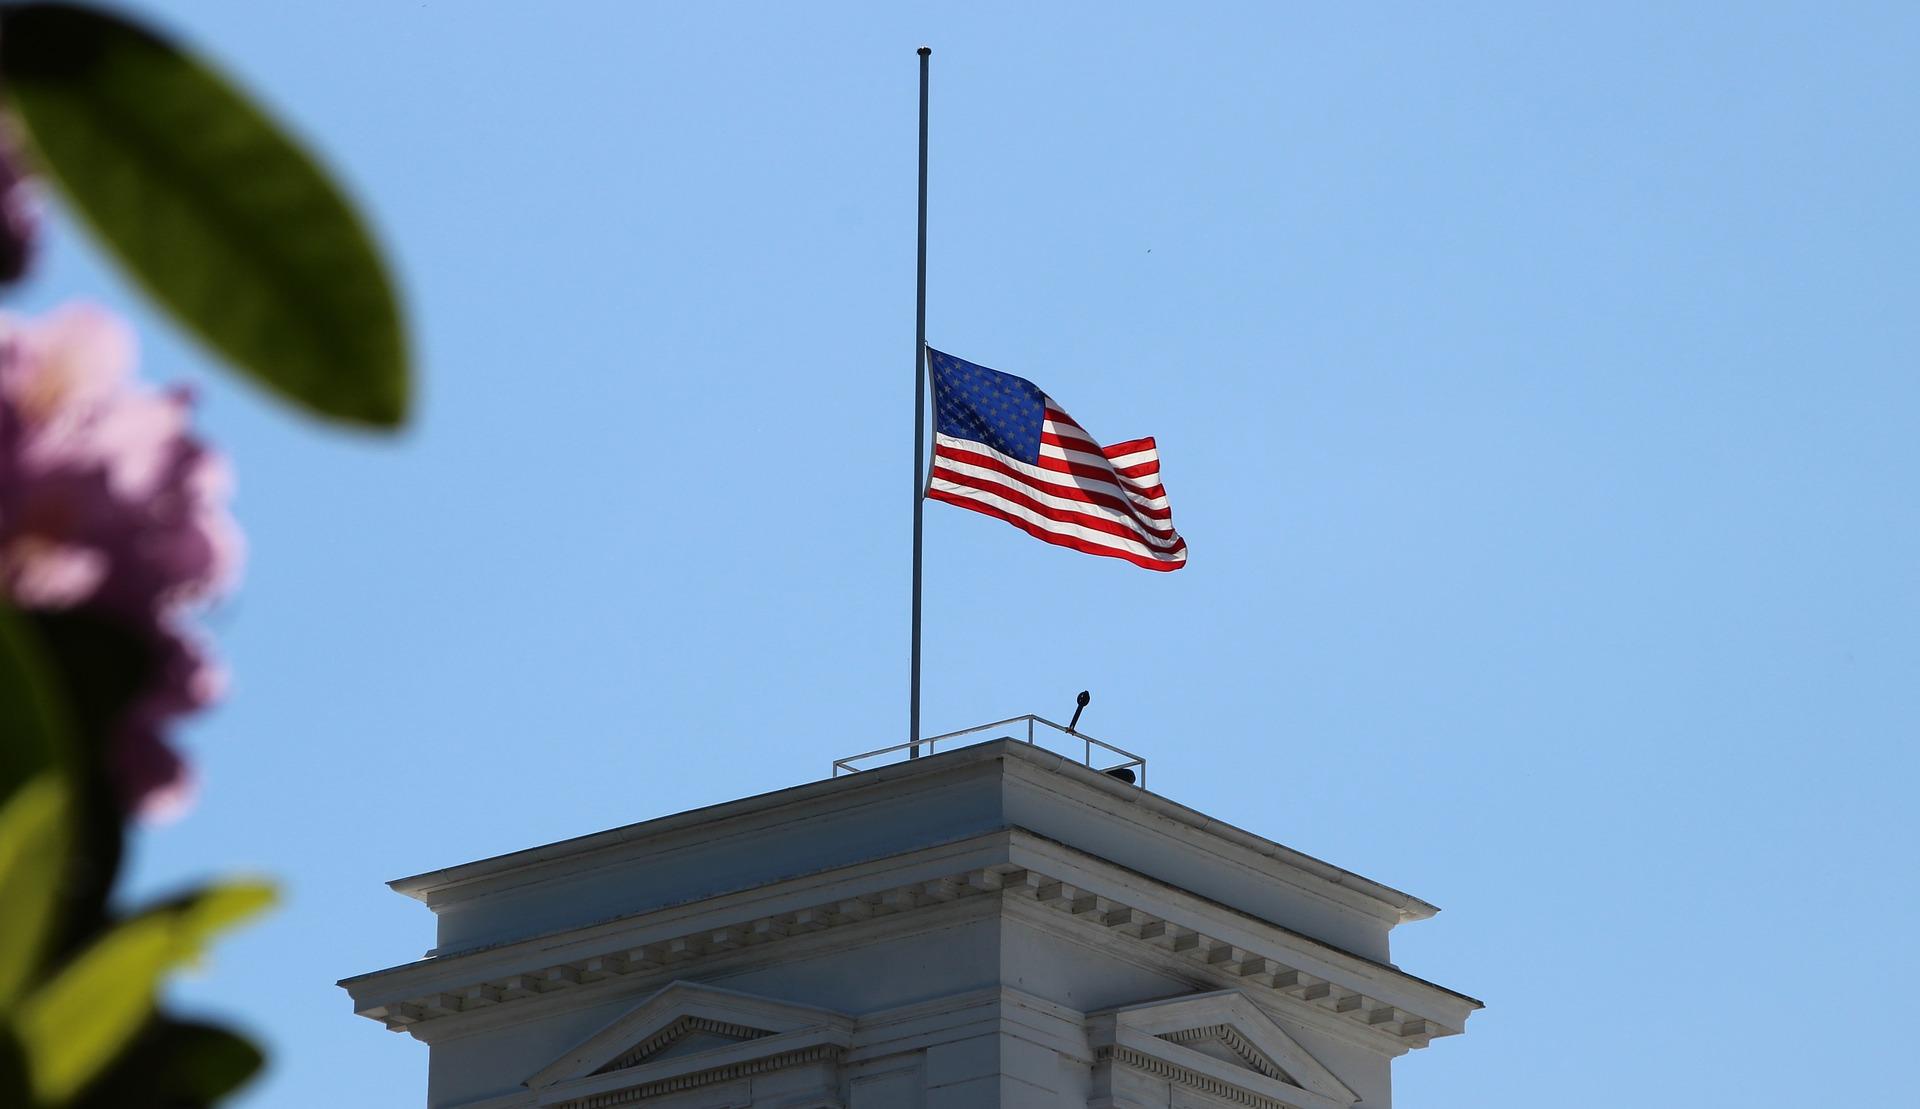 US suffers weekend shooting spree